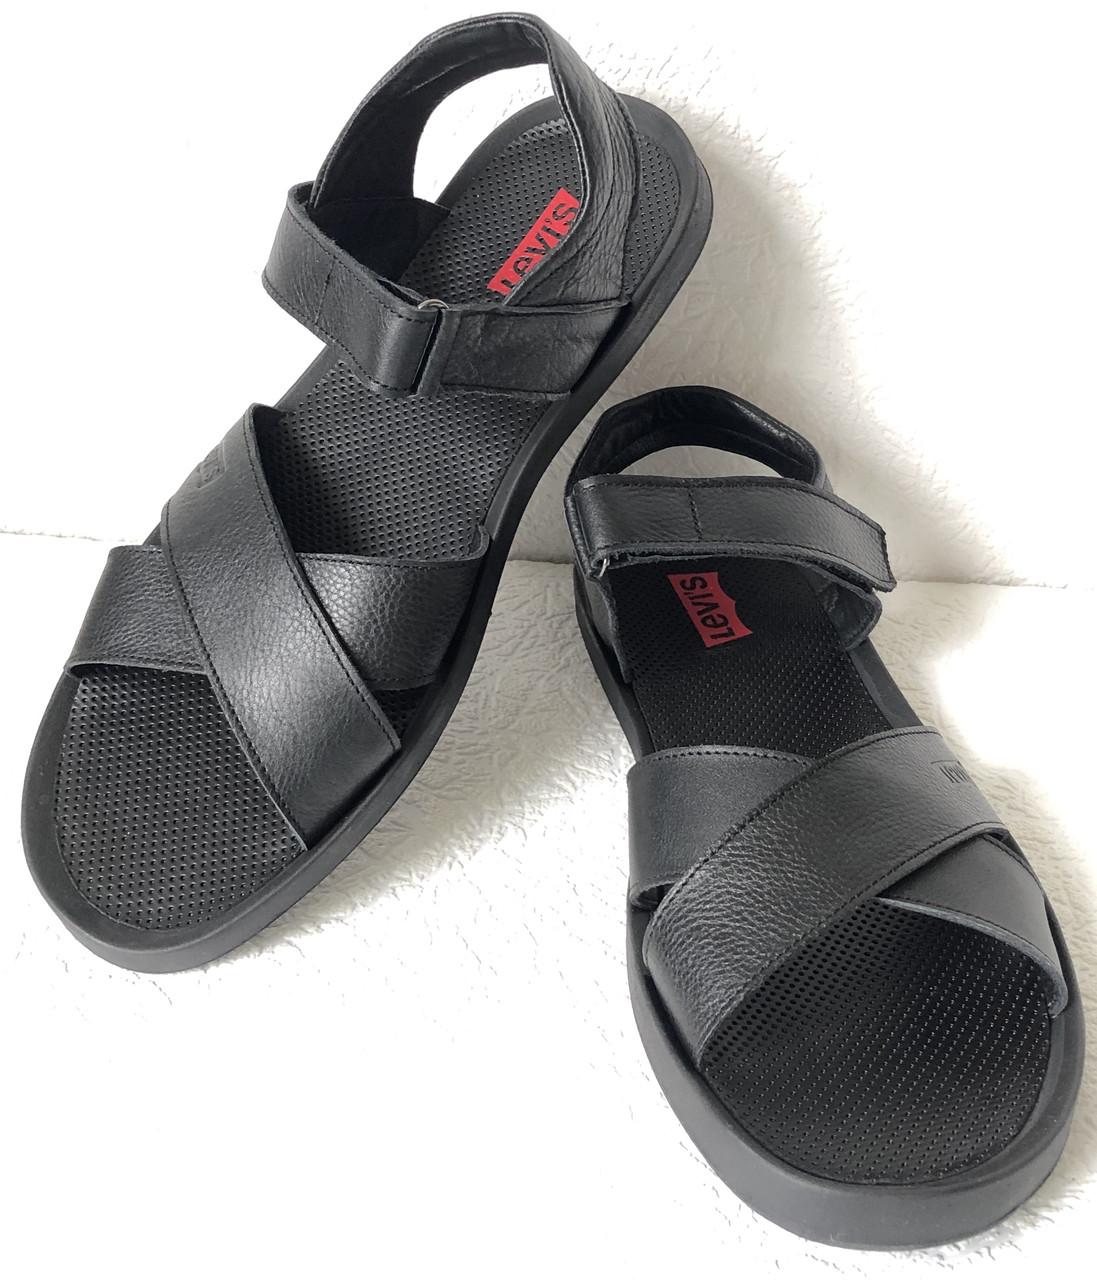 Шок ! Levis летние кожаные сандалии мужские босоножки в стиле Левис черные